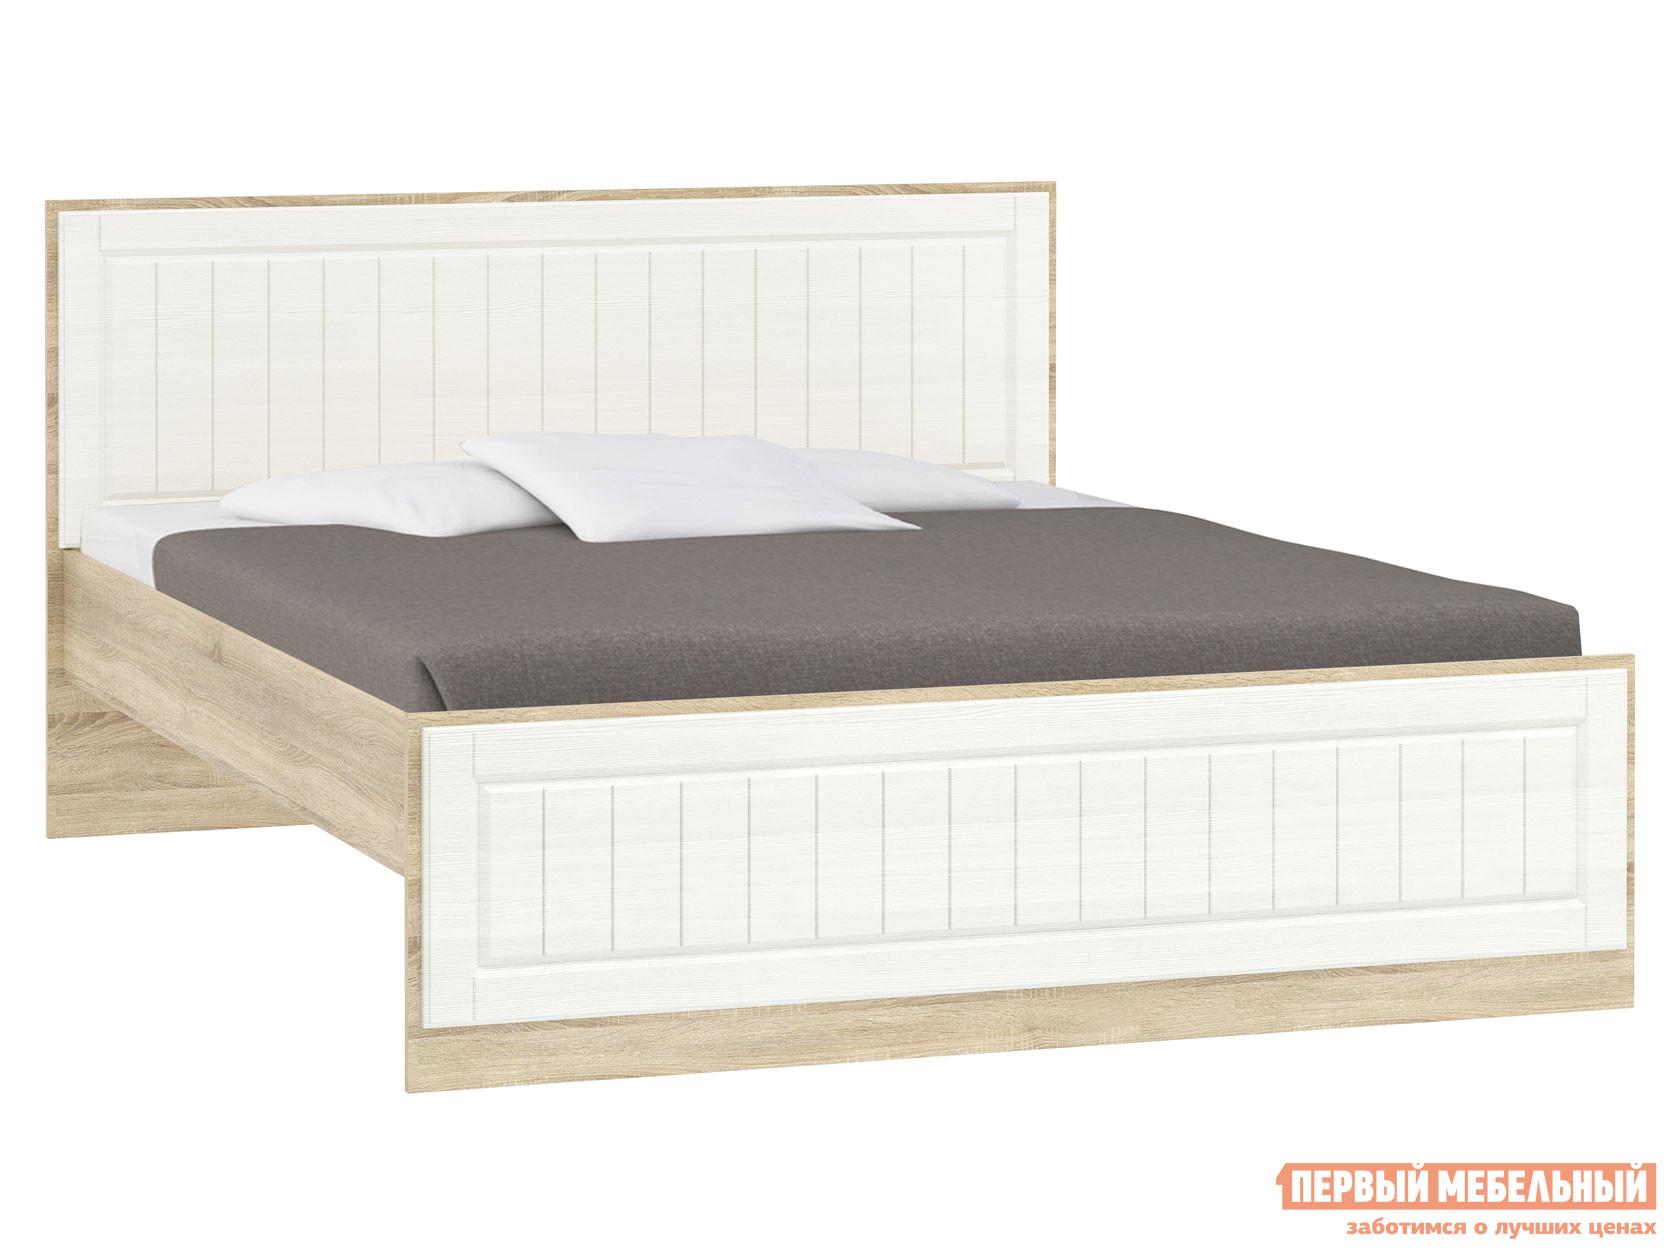 Двуспальная кровать  Оливия Лайт НМ 040.34 Дуб сонома / Белое дерево, 180х200 см, Без ящиков Сильва 123553